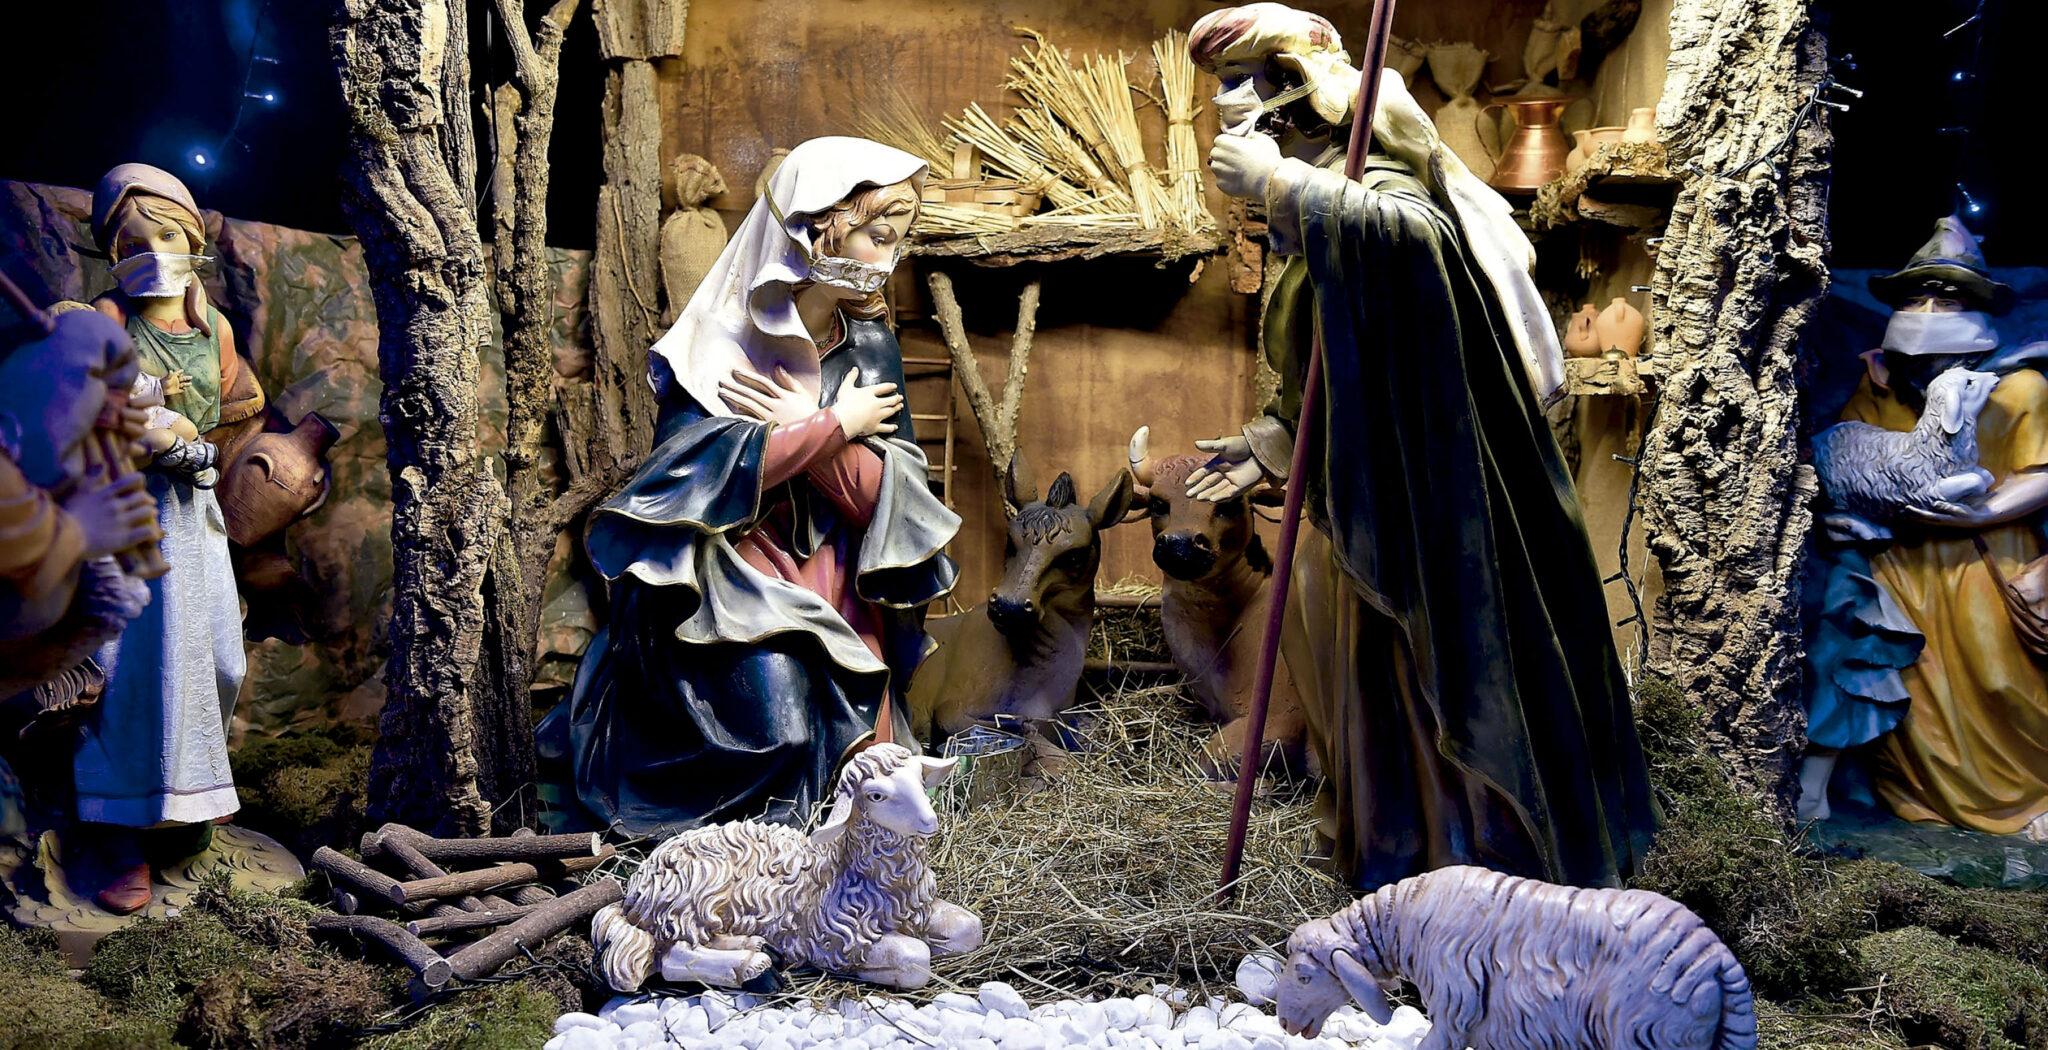 Escenas del nacimiento instalado en la catedral de Turín para la Navidad de 2020